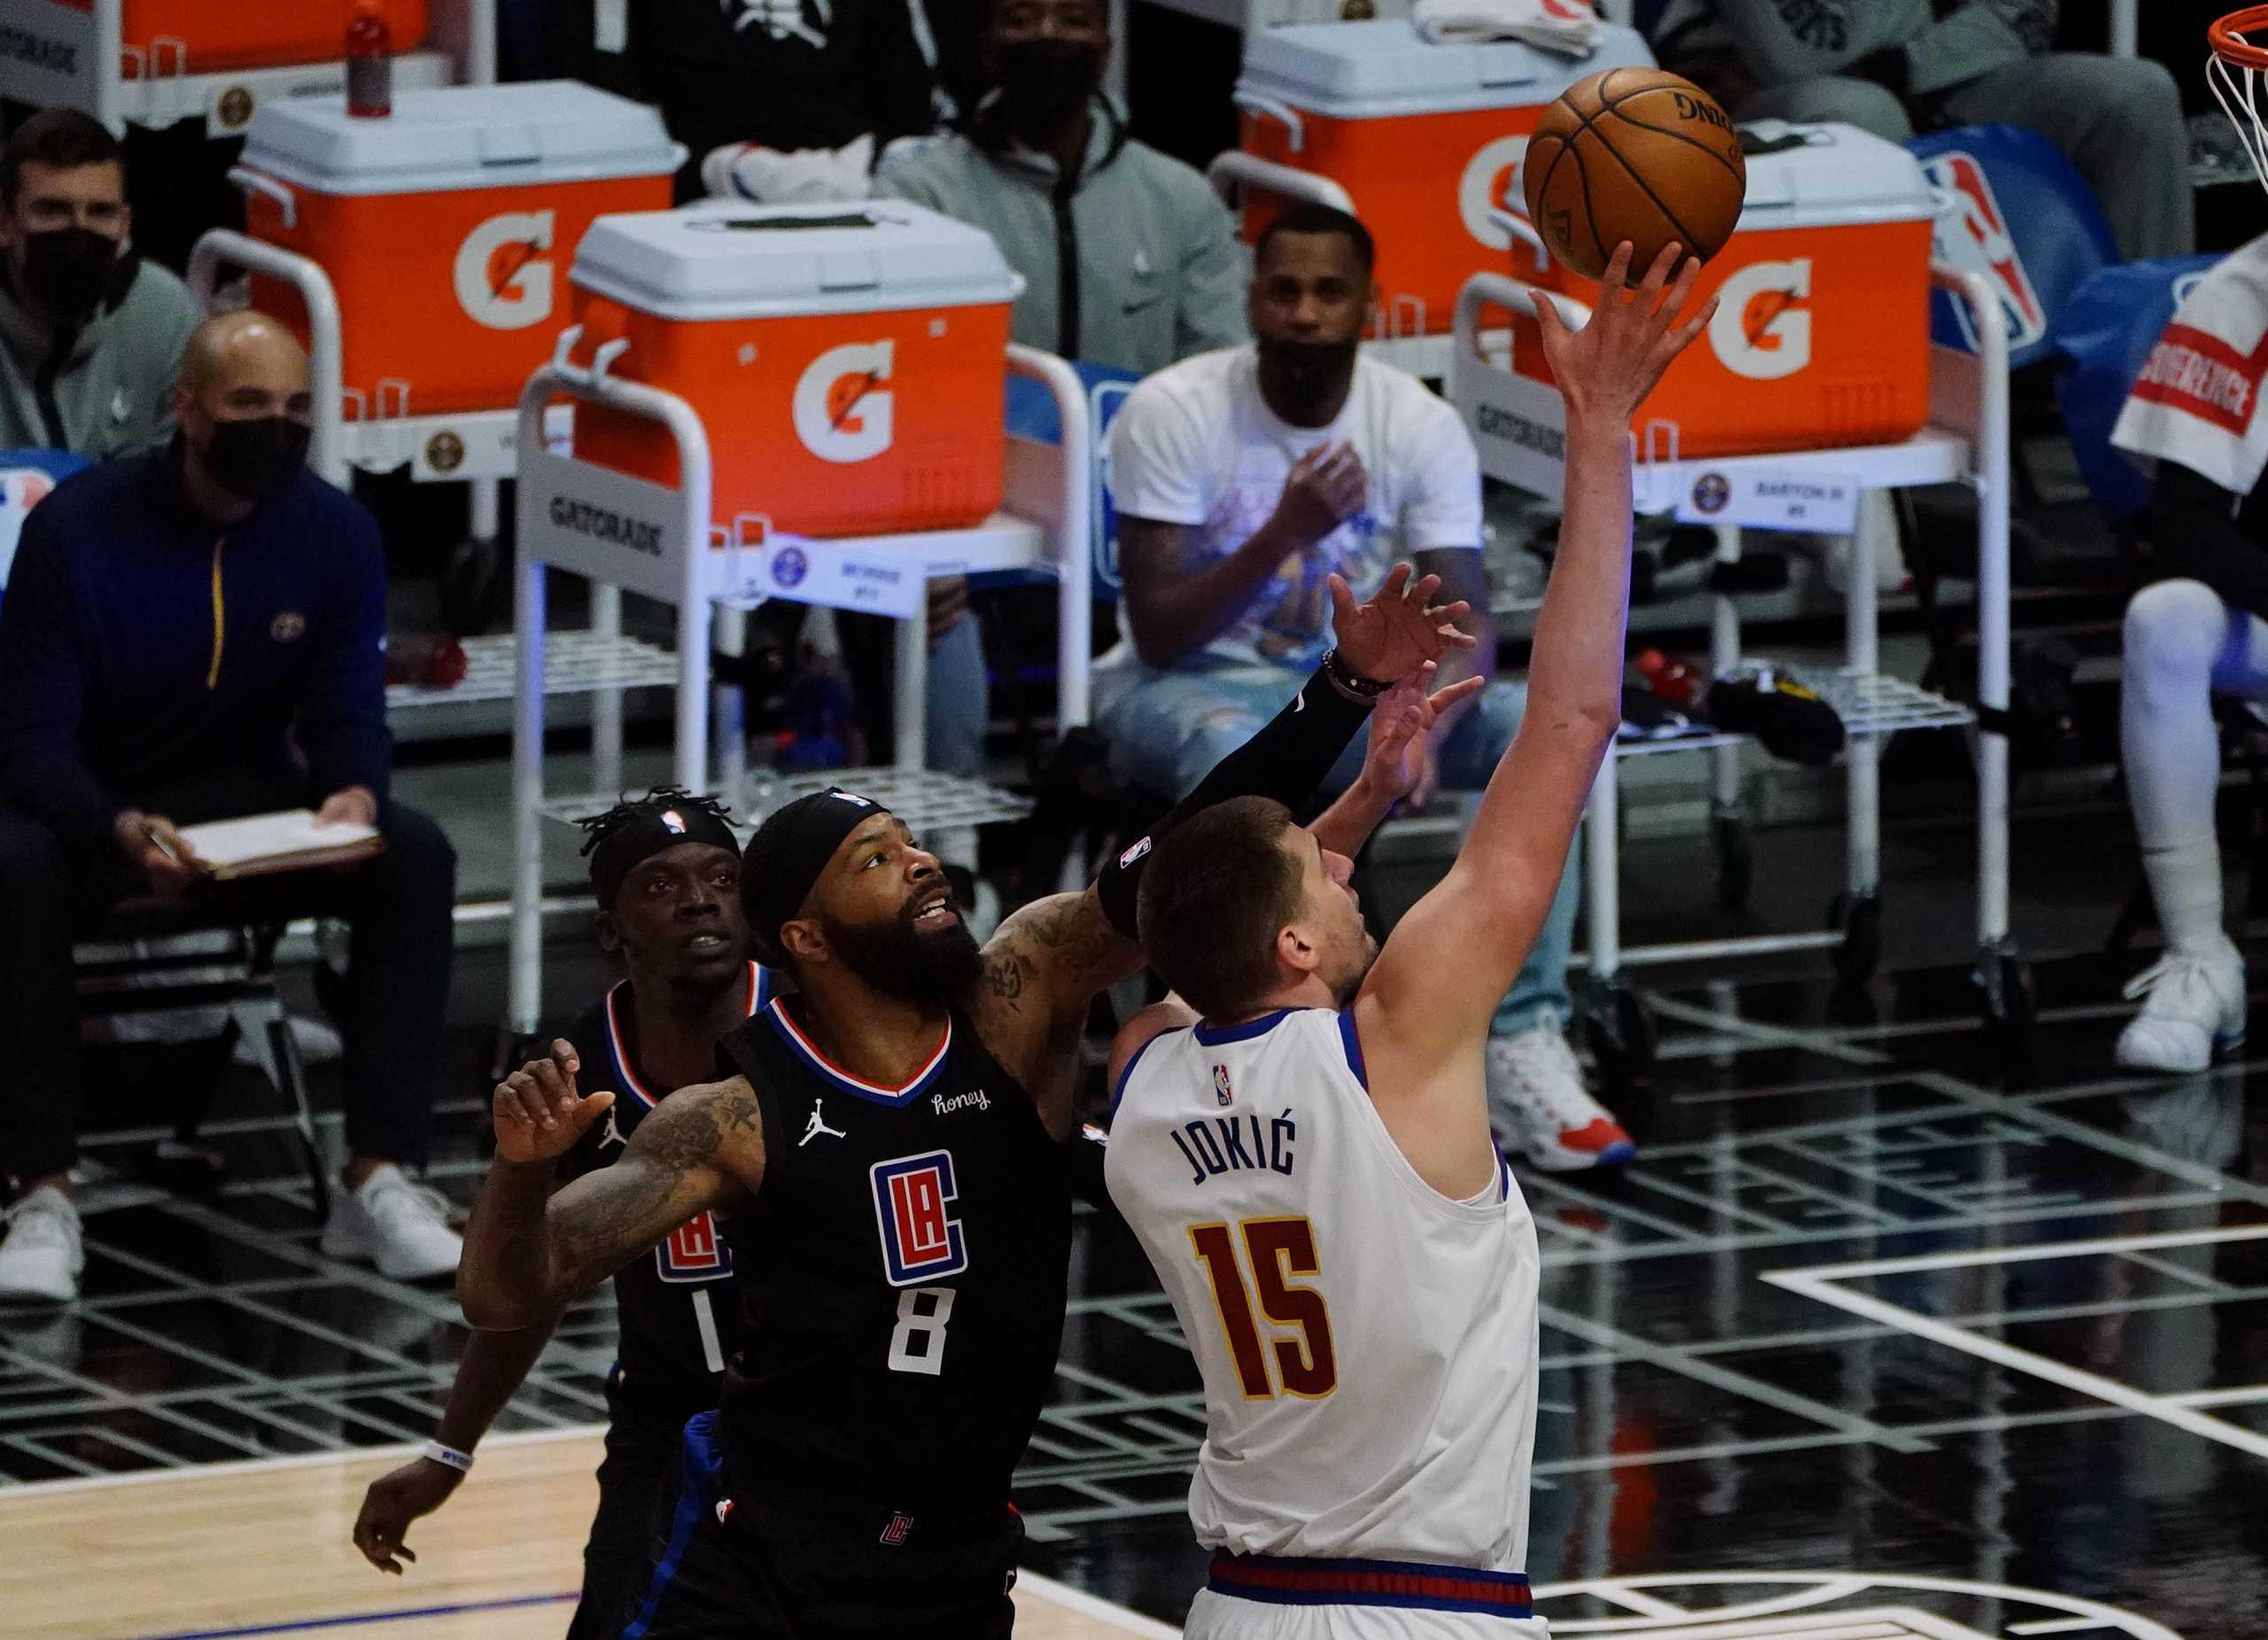 Μάρεϊ και Γιόκιτς έδειξαν τα «δόντια» τους ενόψει play off – Τα αποτελέσματα στο NBA